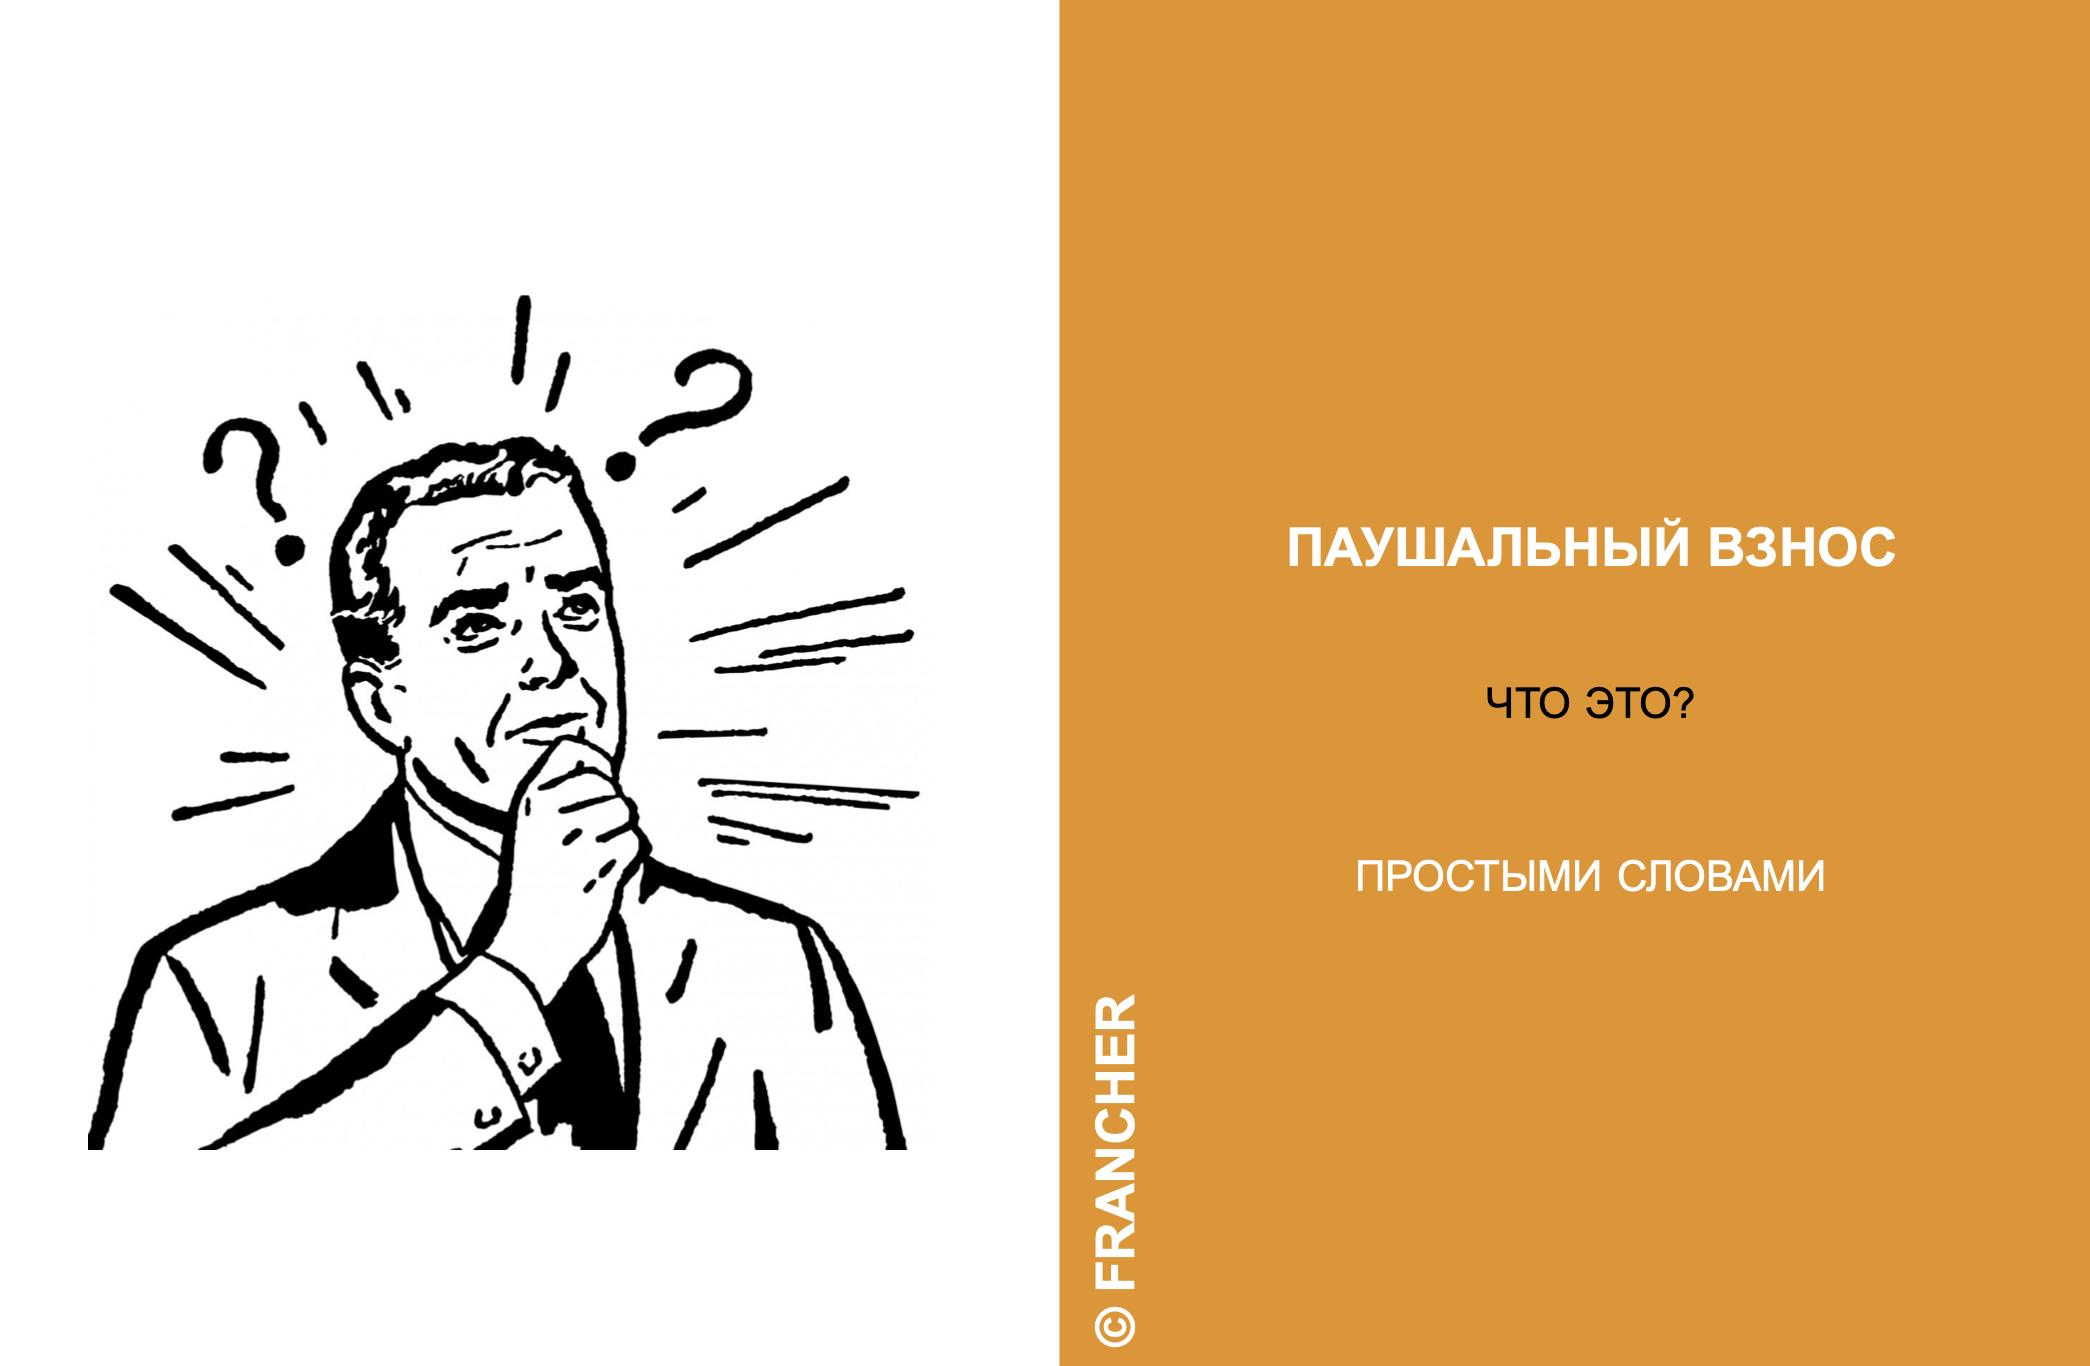 paushalnyj-vznos-i-royalti-chto-eto